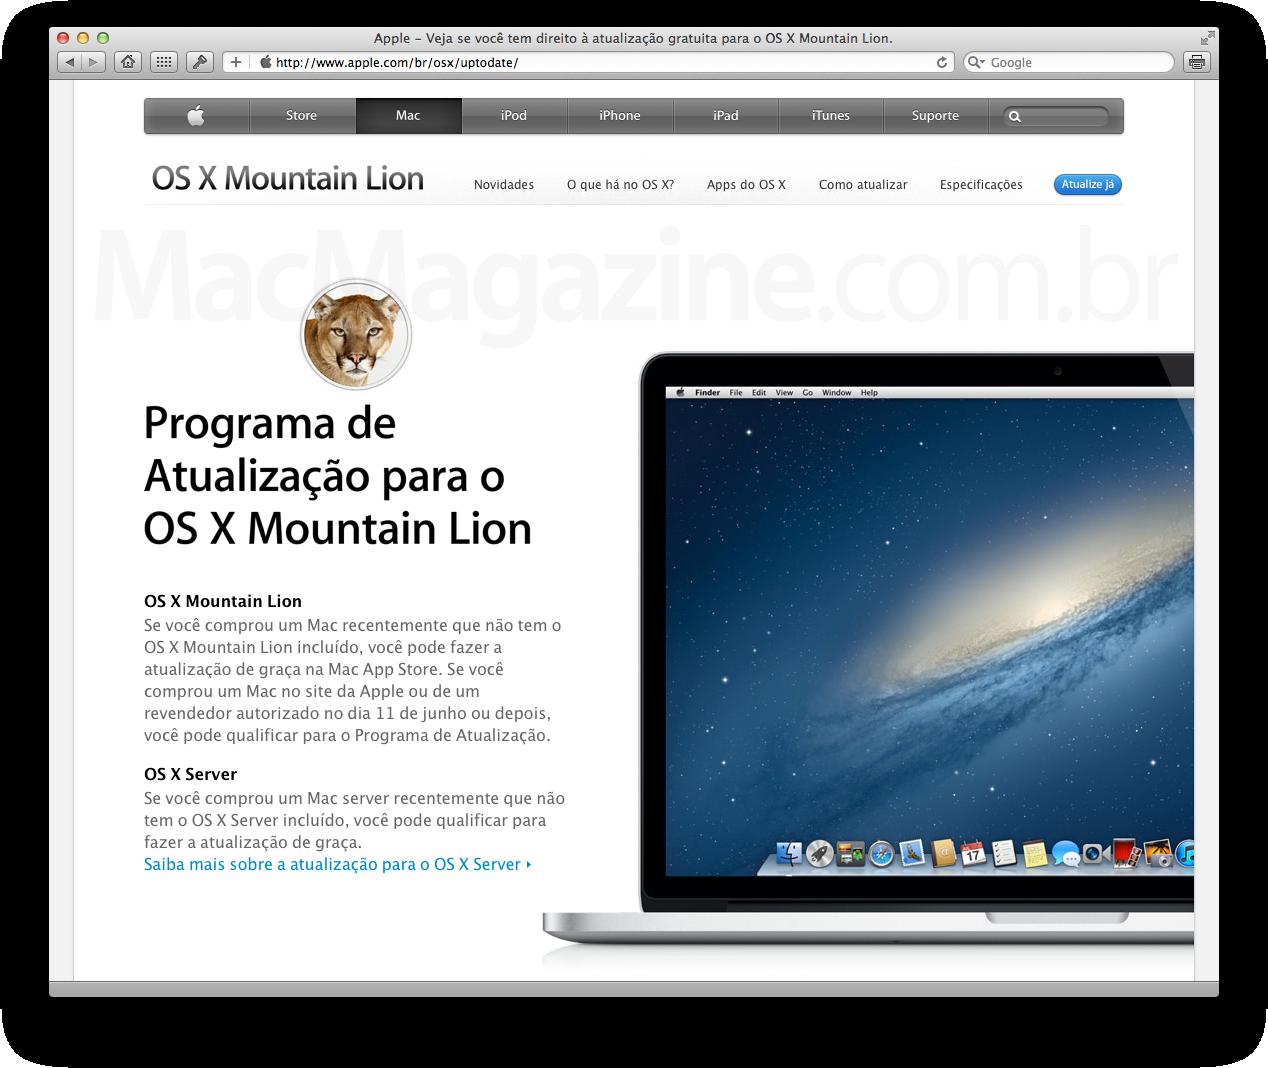 Formulário do Programa de Atualização para o OS X Mountain Lion